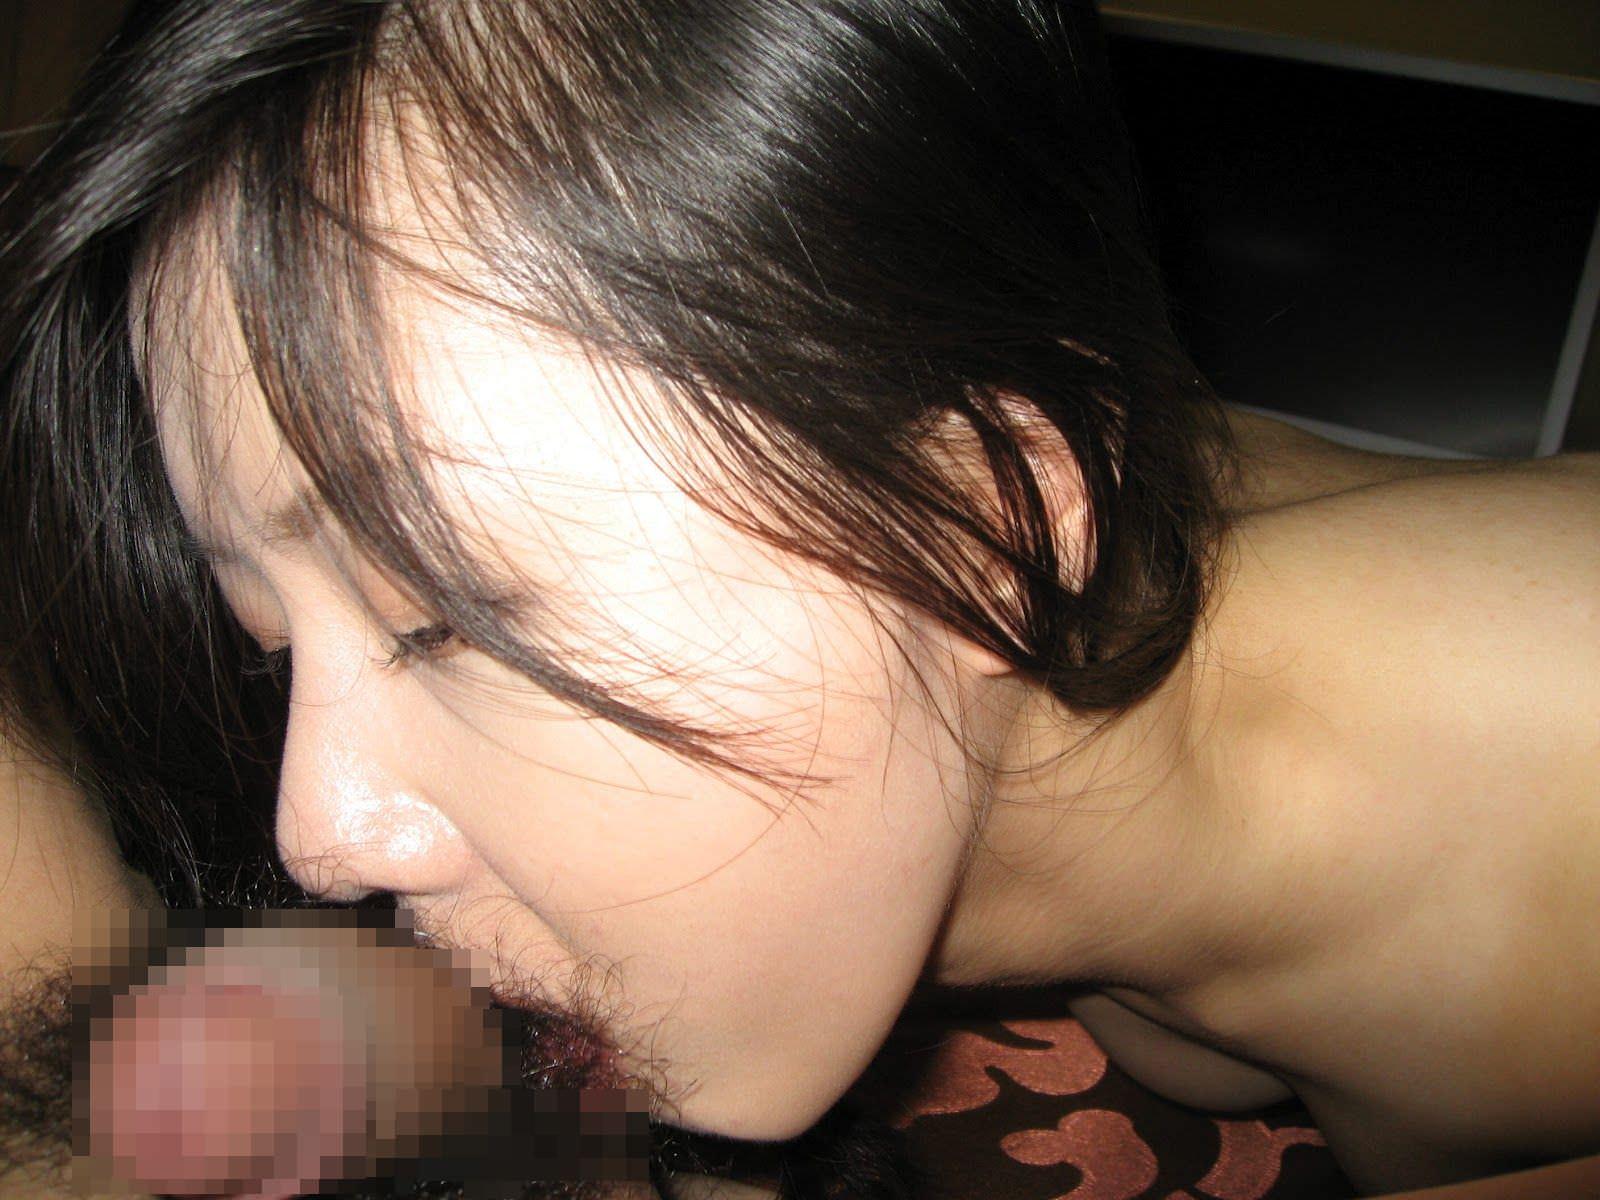 卓越した技術でザーメンを搾り取る人妻のフェラチオ画像 21287